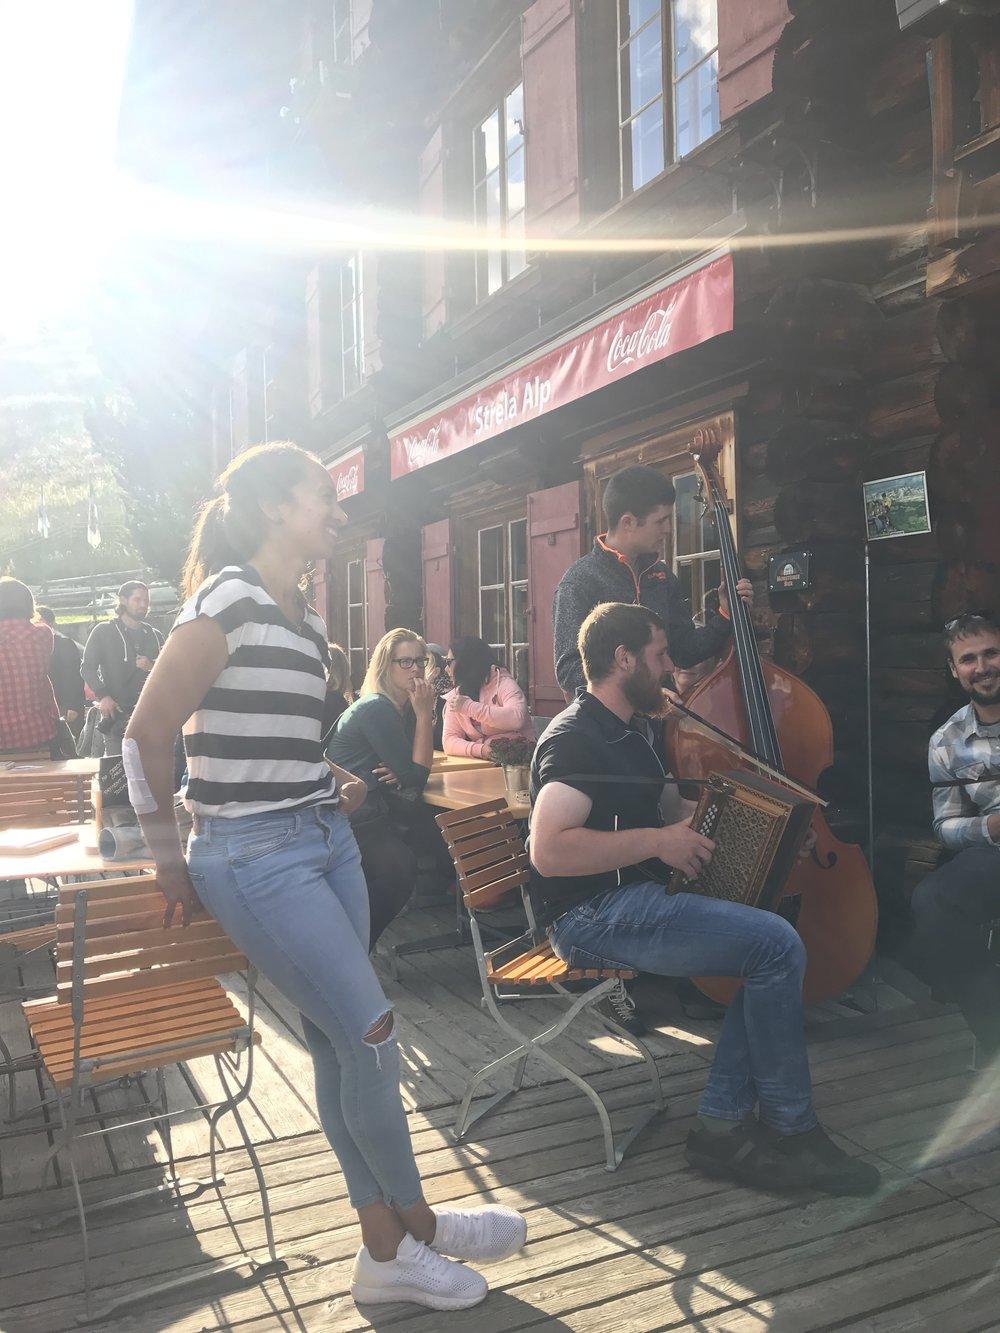 Auf der Hütte werden wir mit Musik begrüsst <3